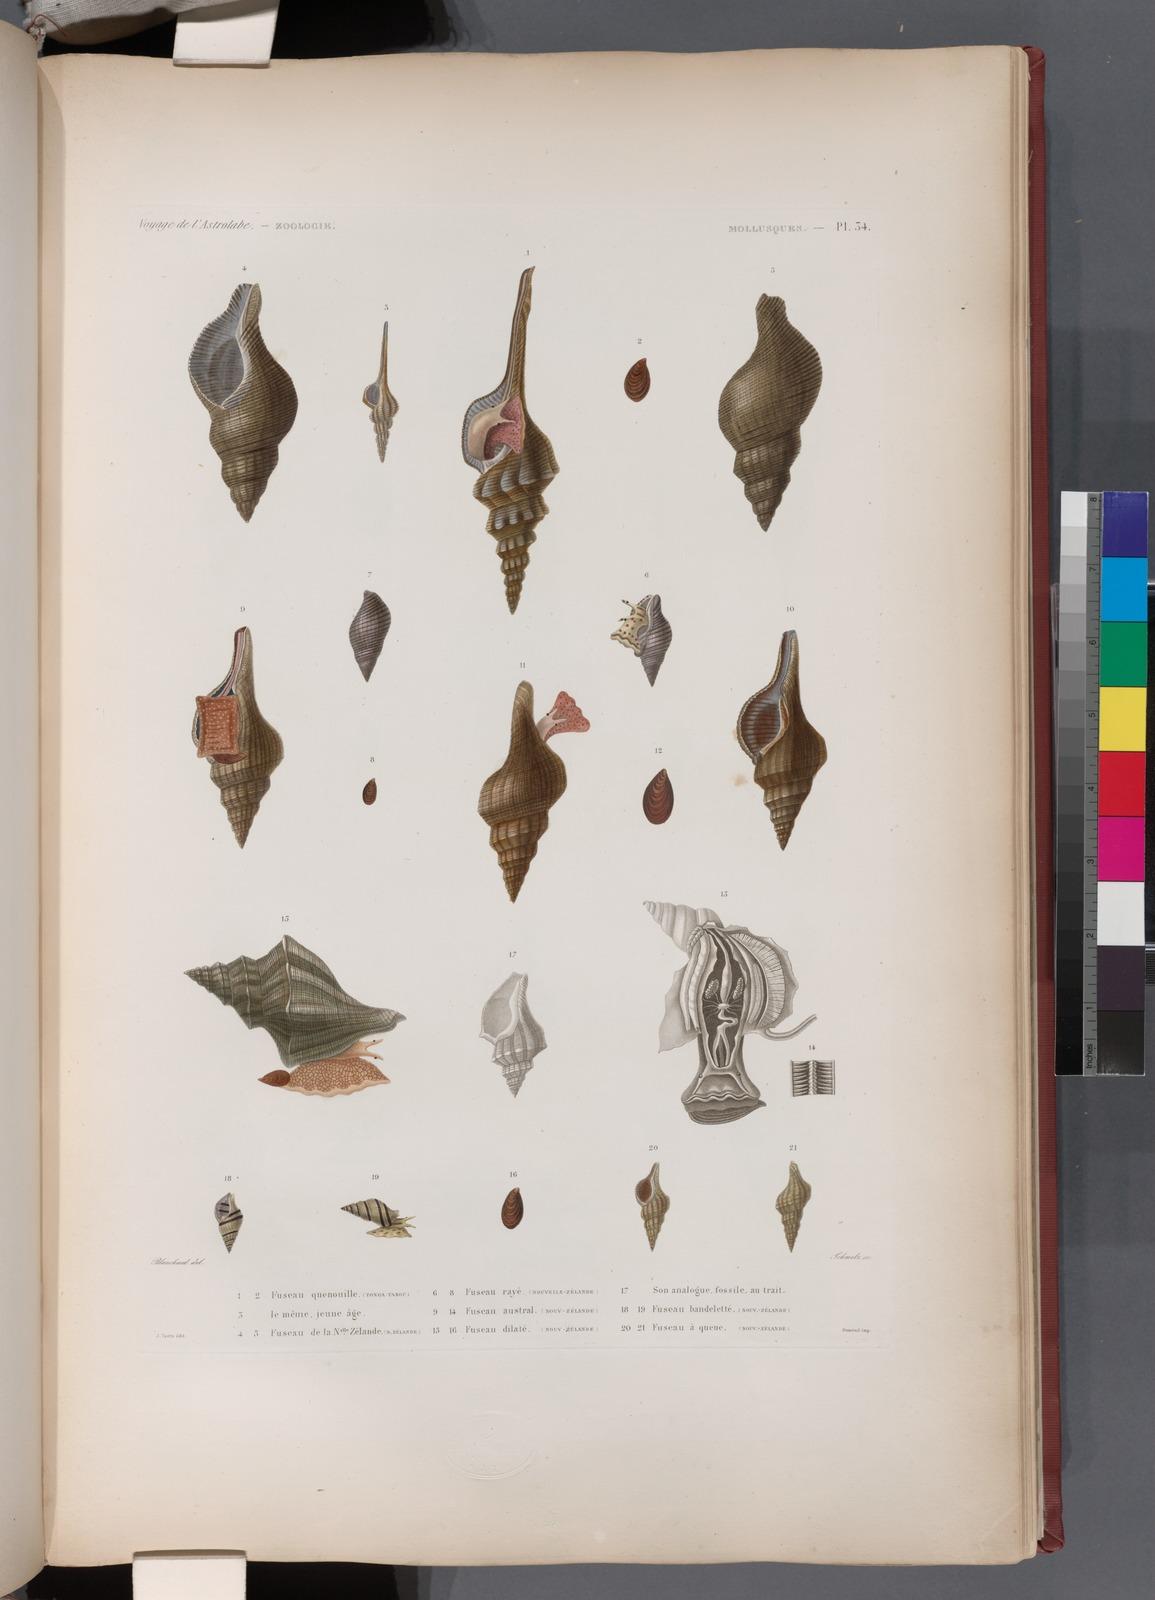 Mollusques: 1. 2. Fuseau quenouille. (Tonga-Tabou.); 3. Le méme jeune âge; 4. 5. Fuseau de la Nelle. Zélande. (N. Zékabde.); 6.- 8. Fuseau rayé. (Nouv-Zélande.); 9.- 14. Fuseau austral. (Nouv-Zélande.); 15. 16. Fuseau dilaté. (Nouv-Zélande.); 17. Son analogue fossile au trait; 18. 19. Fuseau bandeletté. (Nouv-Zélande.); 20. 21. Fuseau à queue. (Nouv-Zélande.)